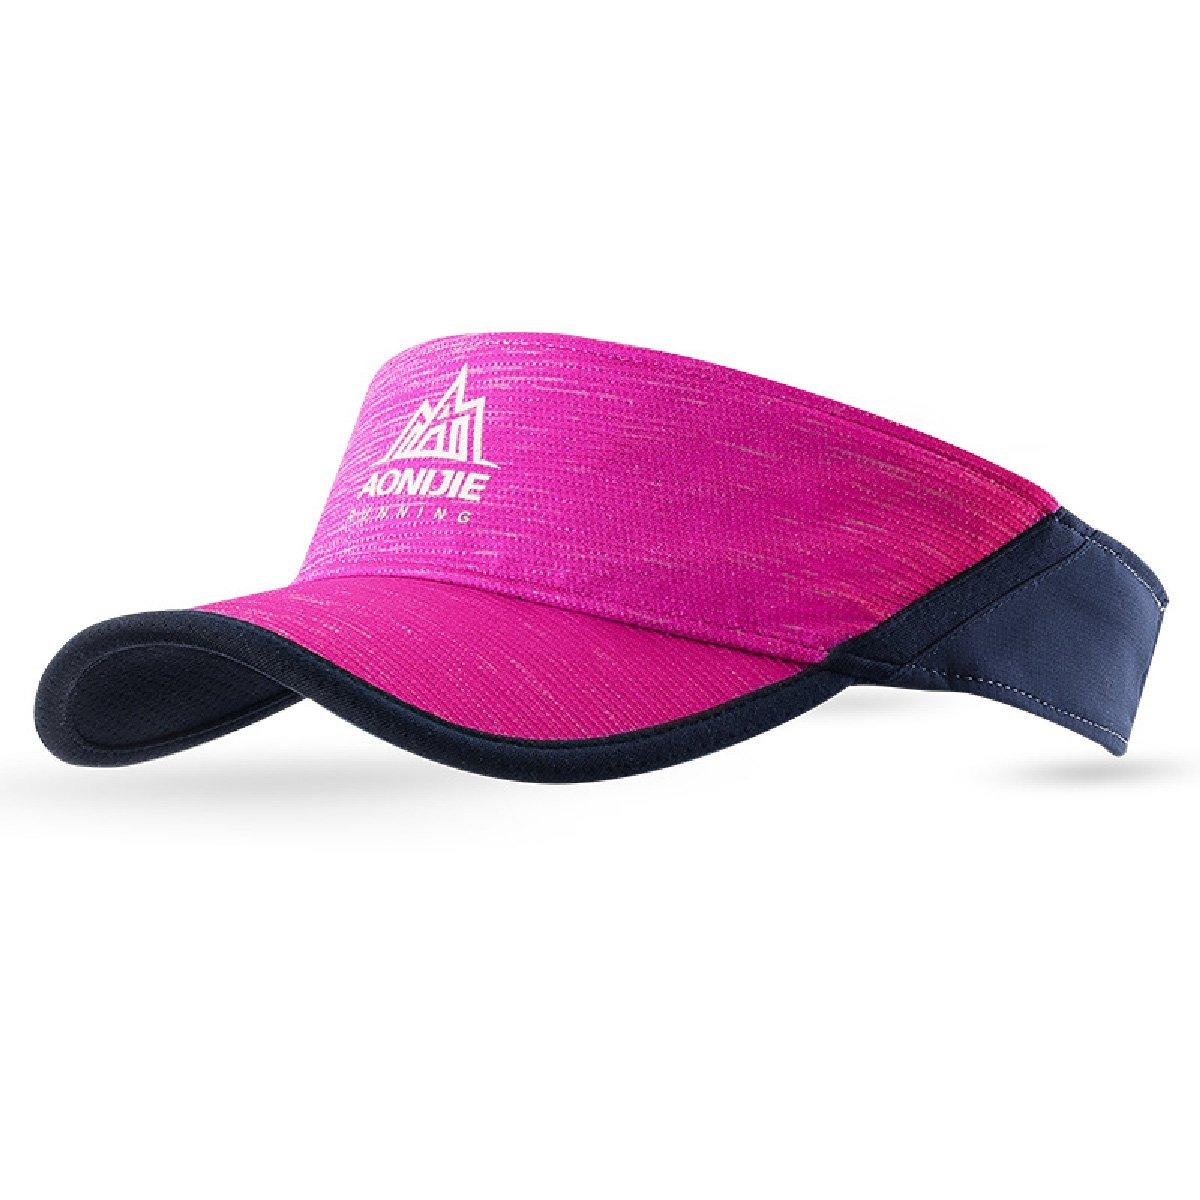 Triwonder Visor Cap Summer Sun Hat Men Women Outdoor Activities & Sports (Blue) OS1526BE